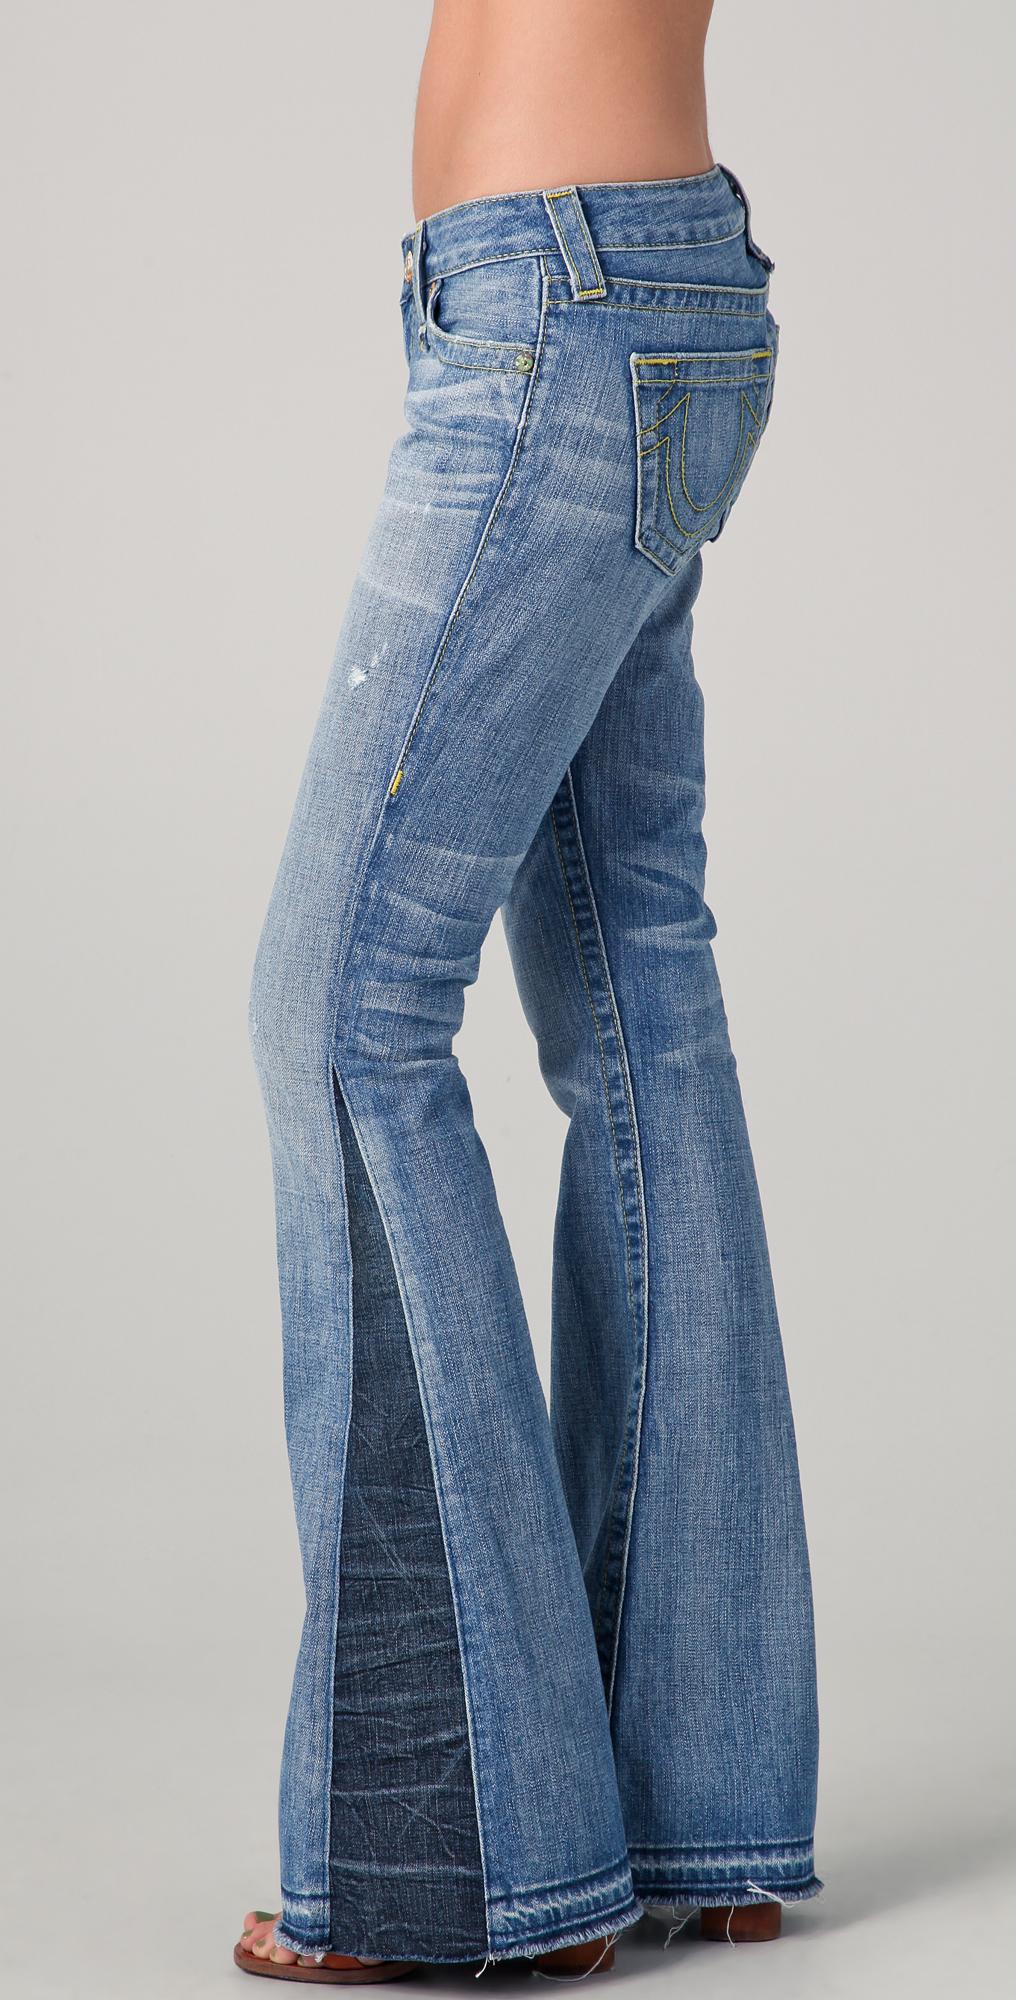 True Religion Bobby Love & Haight Flare Jeans | EAST DANE